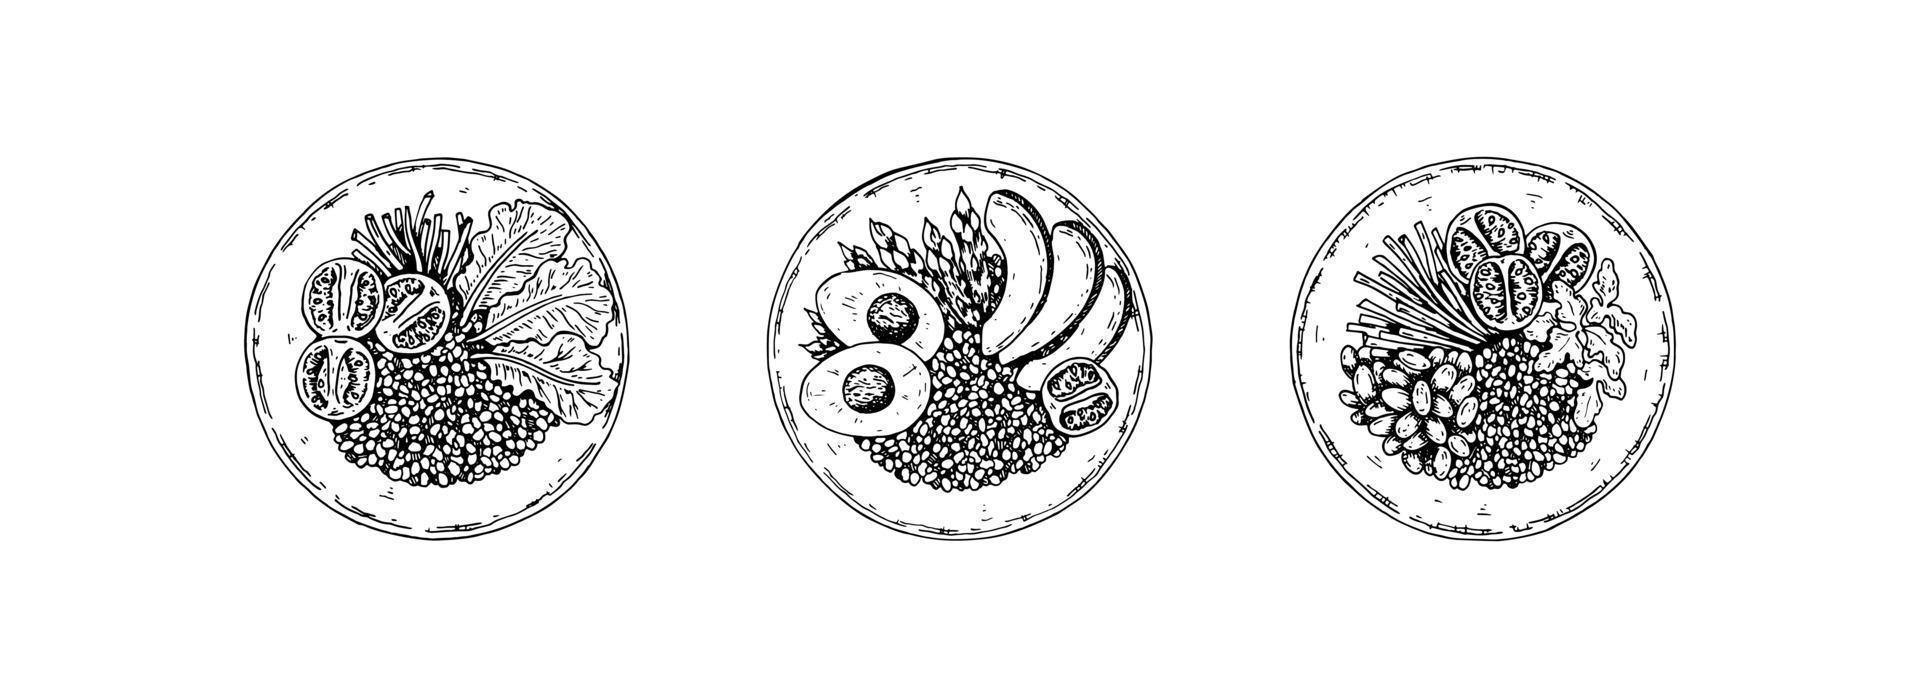 Satz handgezeichnete Schüssel mit Müsli und Salat. Vektorillustration im Skizzenstil vektor